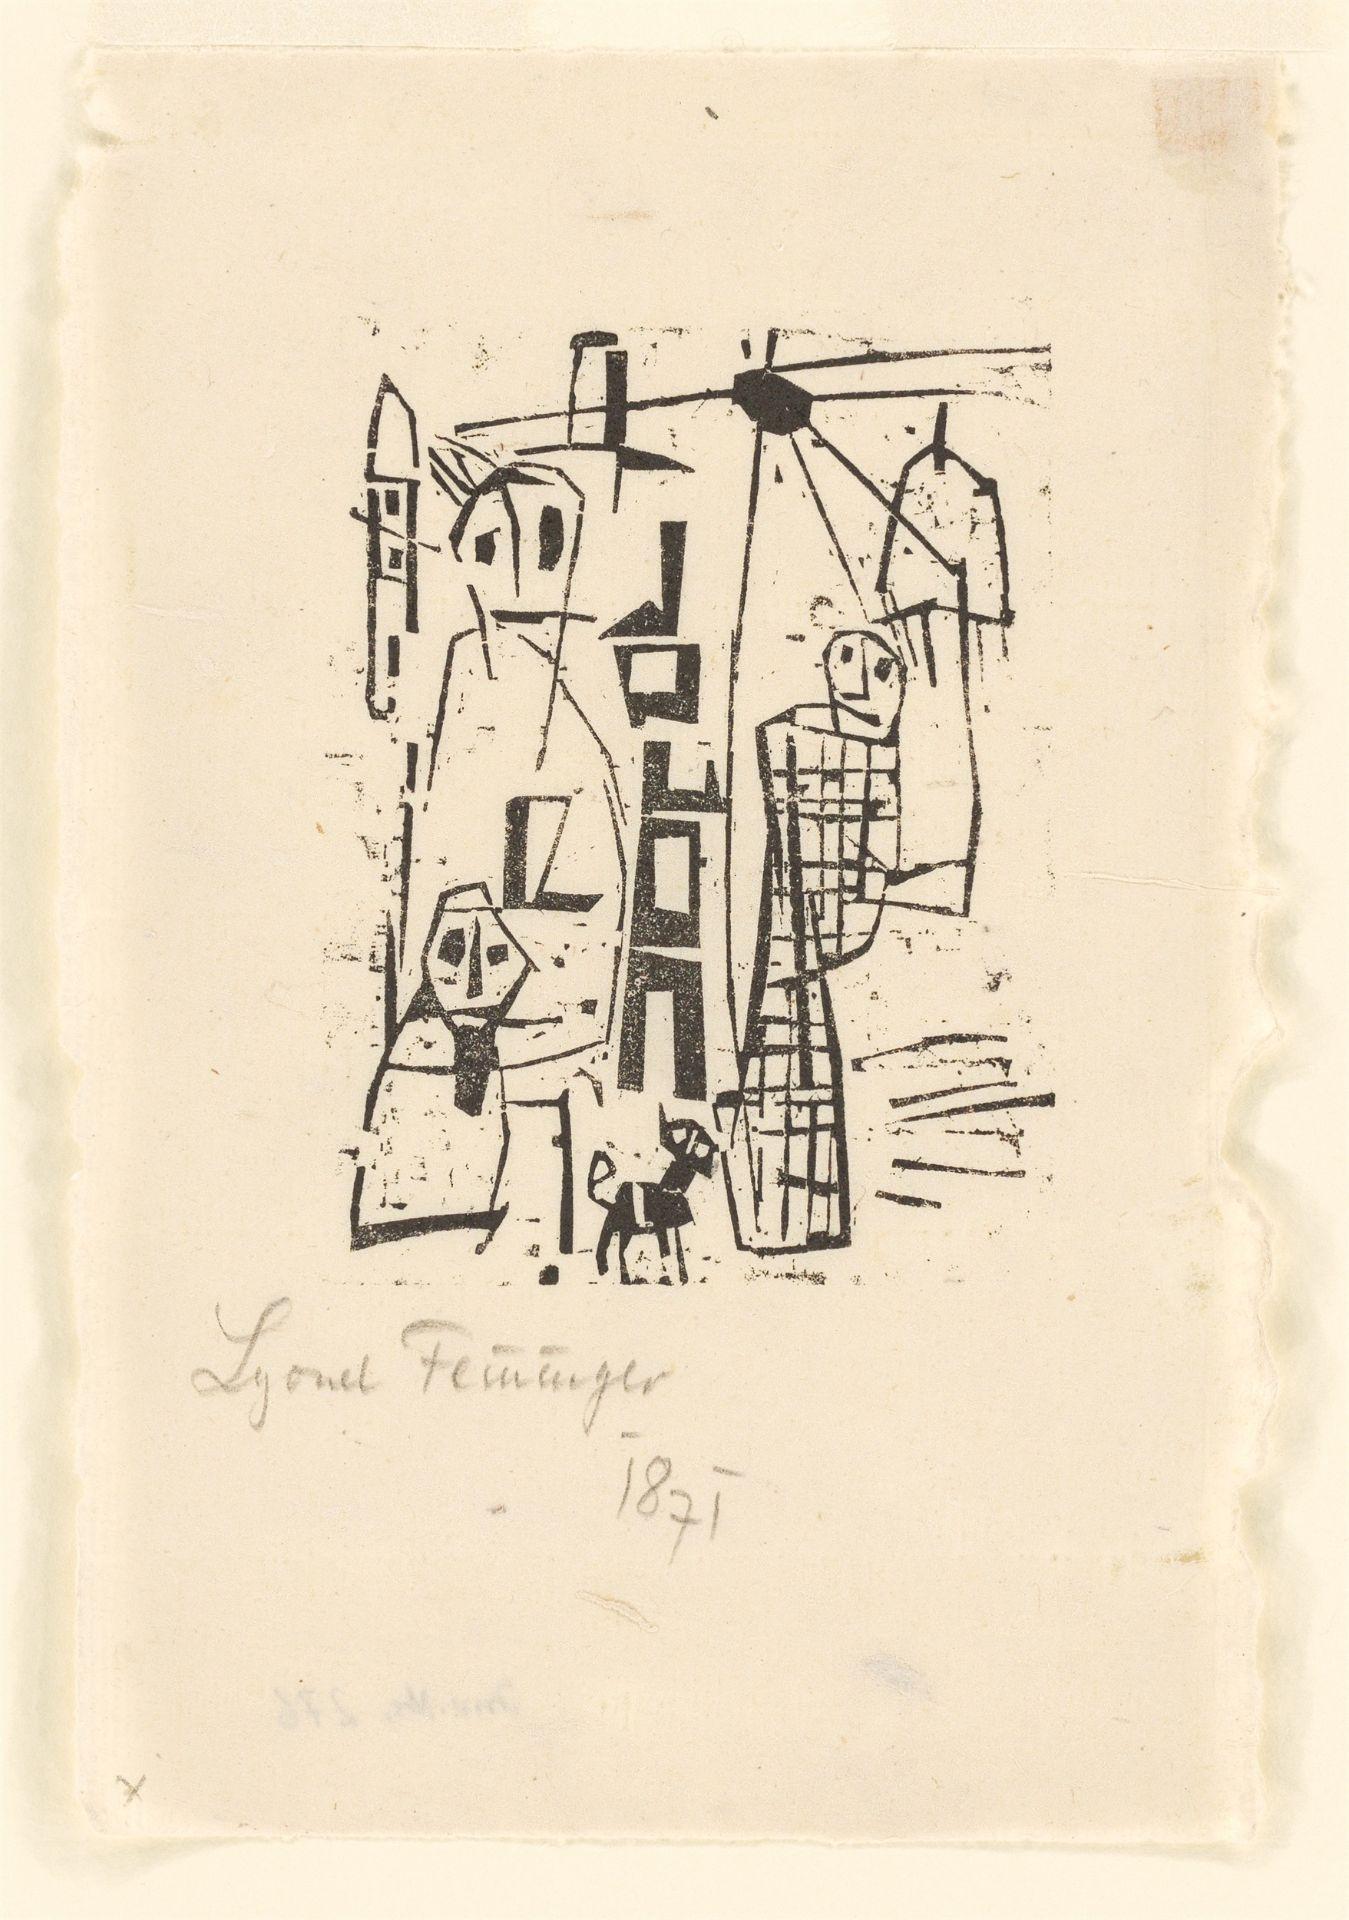 Lyonel Feininger (1871 – New York – 1956) - Bild 2 aus 2